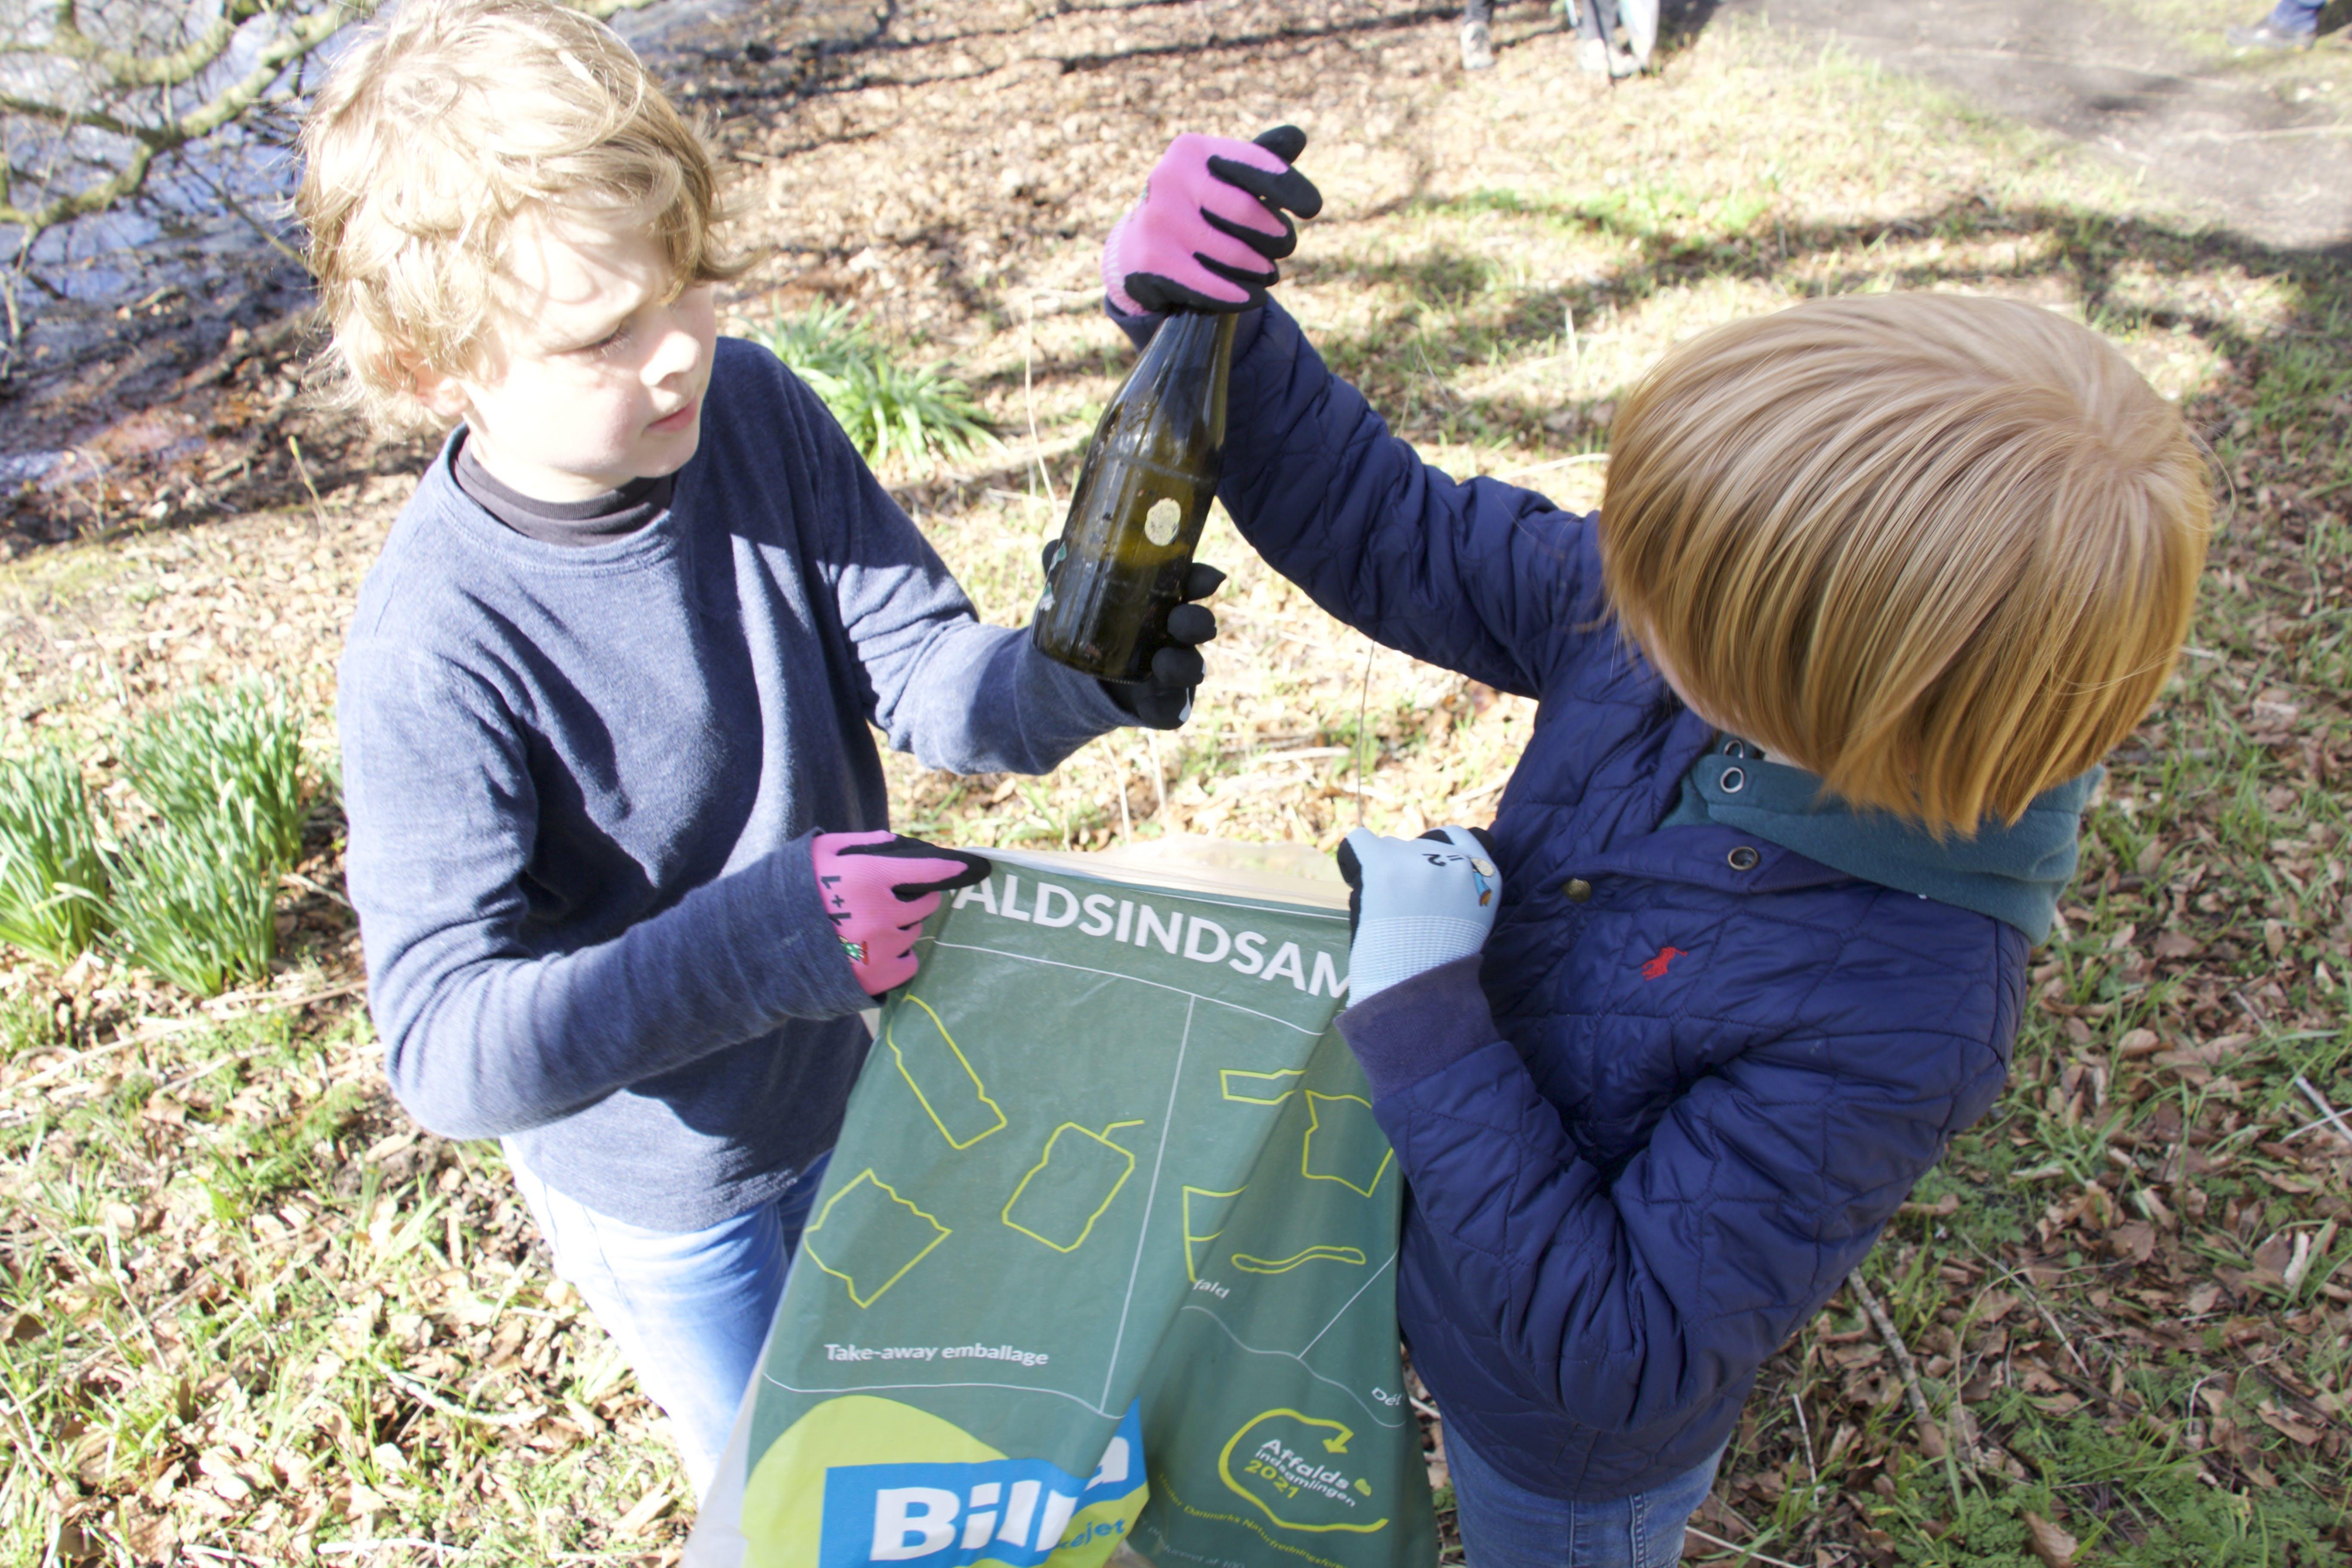 Folkeskoleelever samler skrald ved årets Affaldsindsamling. Foto: Emil Bobek